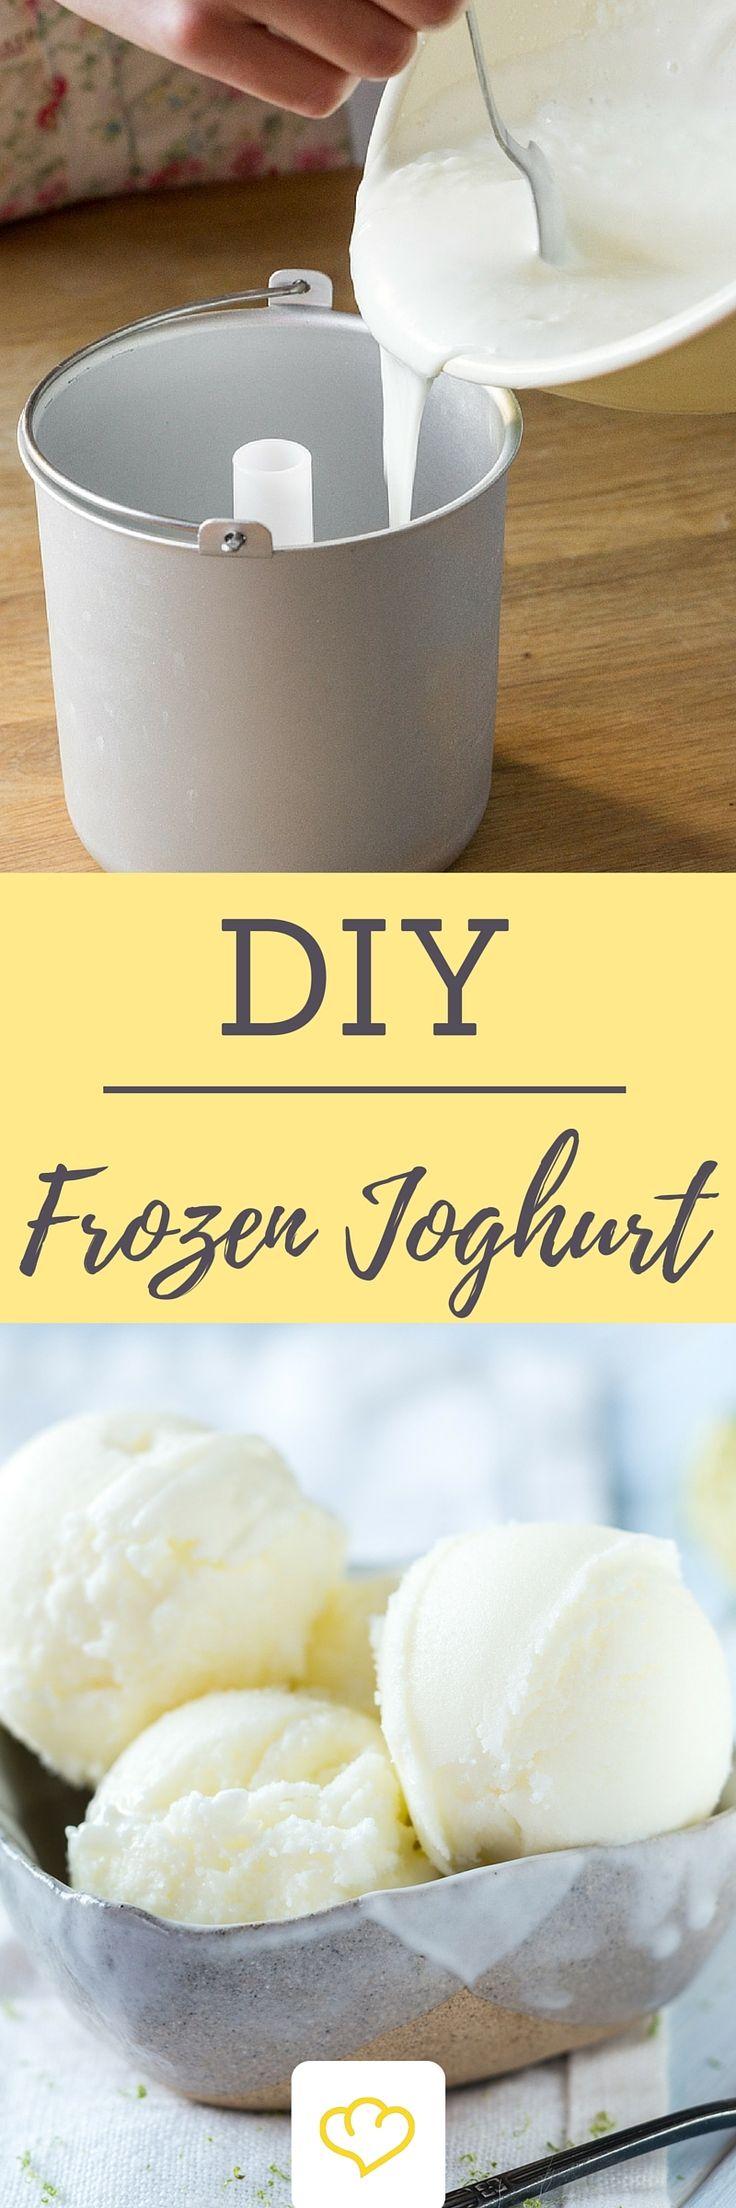 Keine Lust auf überfüllte Frozen-Joghurt Läden? Die Zeiten in denen ihr euch angestellt habt sind nun endgültig vorbei! Mit diesem Rezept macht ihr Frozen Joghurt ganz einfach selber bei euch zu Hause!